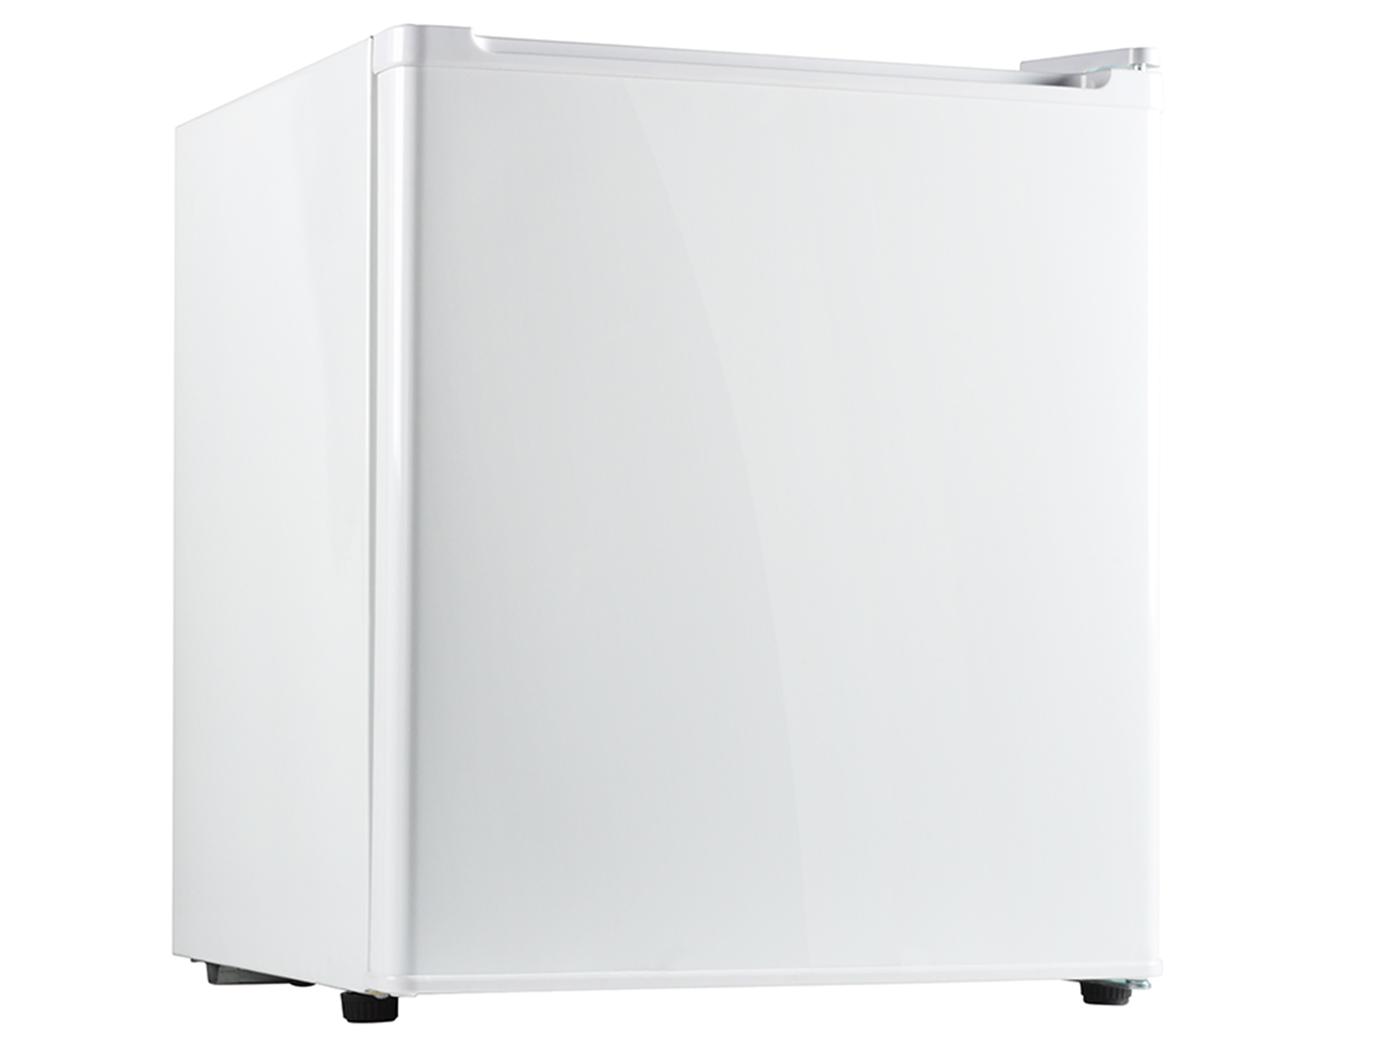 Kühlschrank Für Minibar : Kleiner mini kühlschrank freistehend 45l mit 5l gefrierfach camping